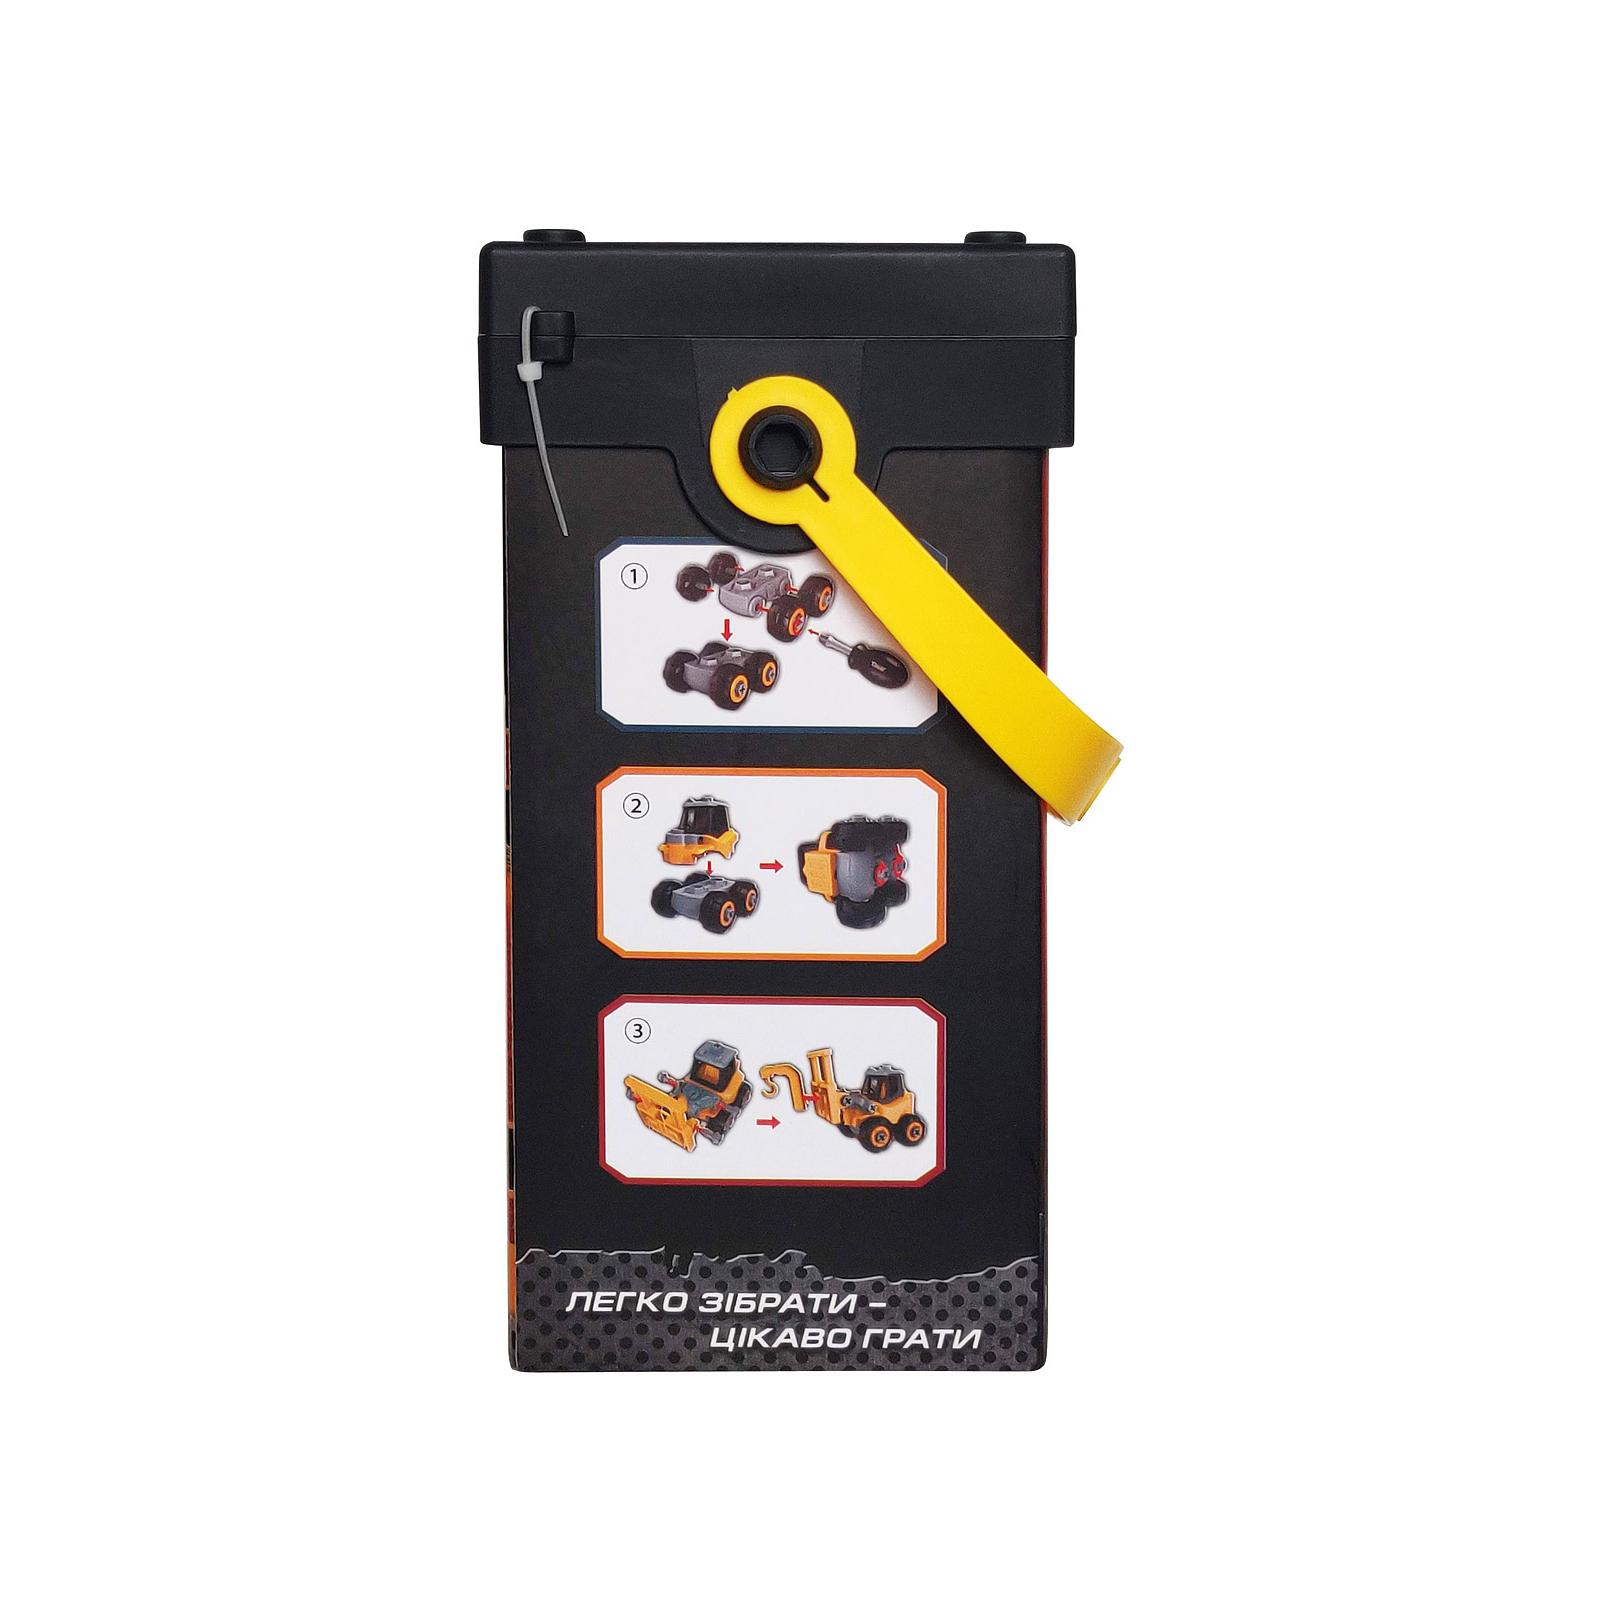 Конструктор Microlab Toys Строительная техника - крановый манипулятор (MT8912) изображение 4